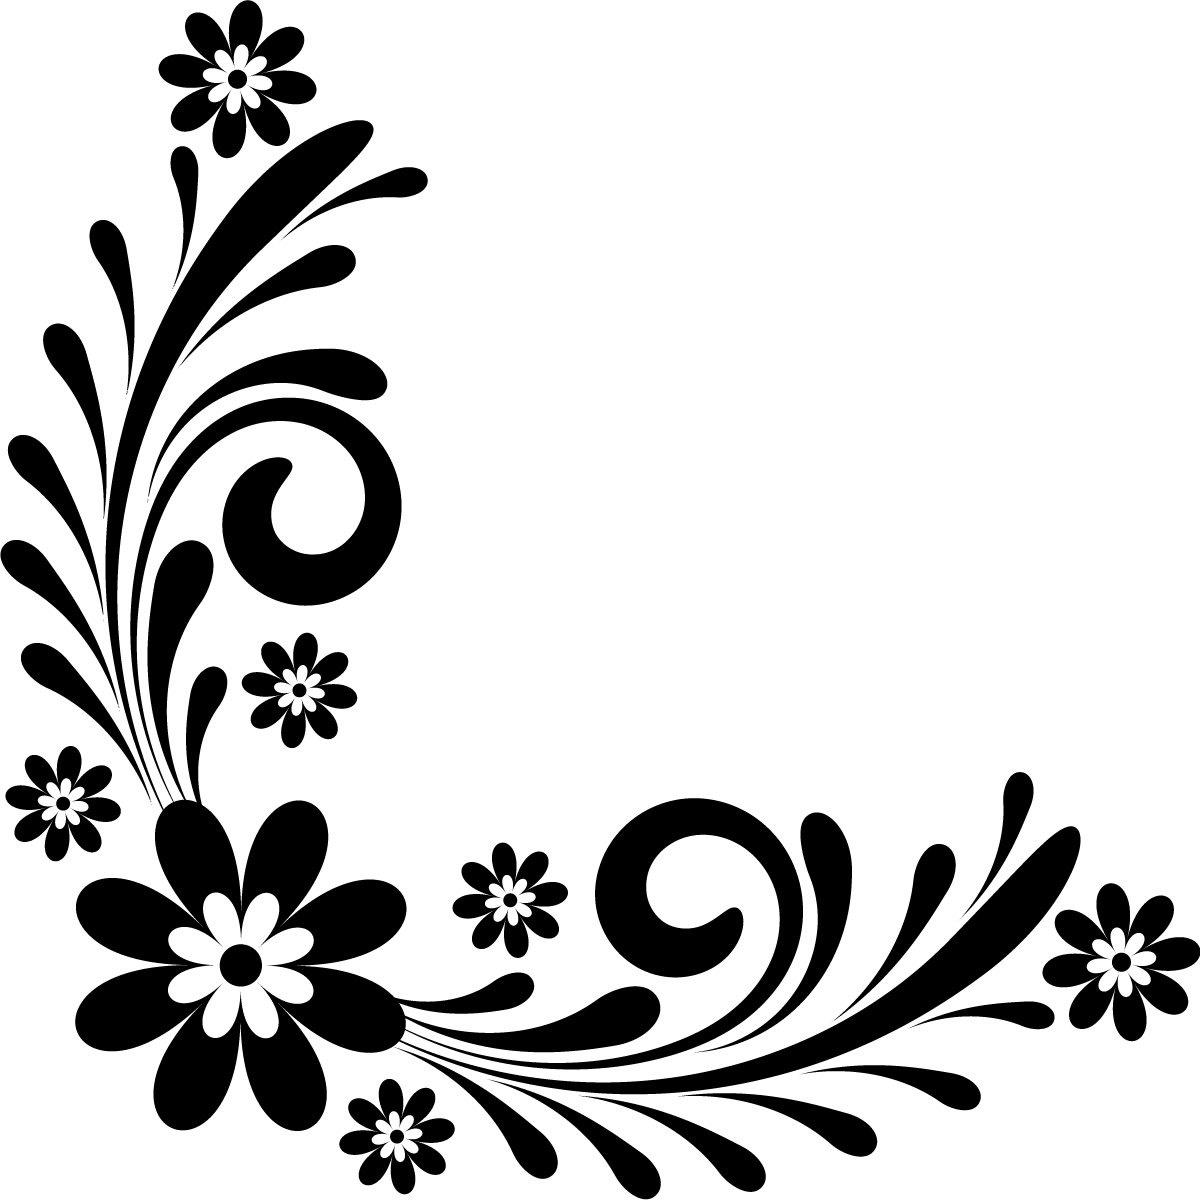 Black And White Corner Design.